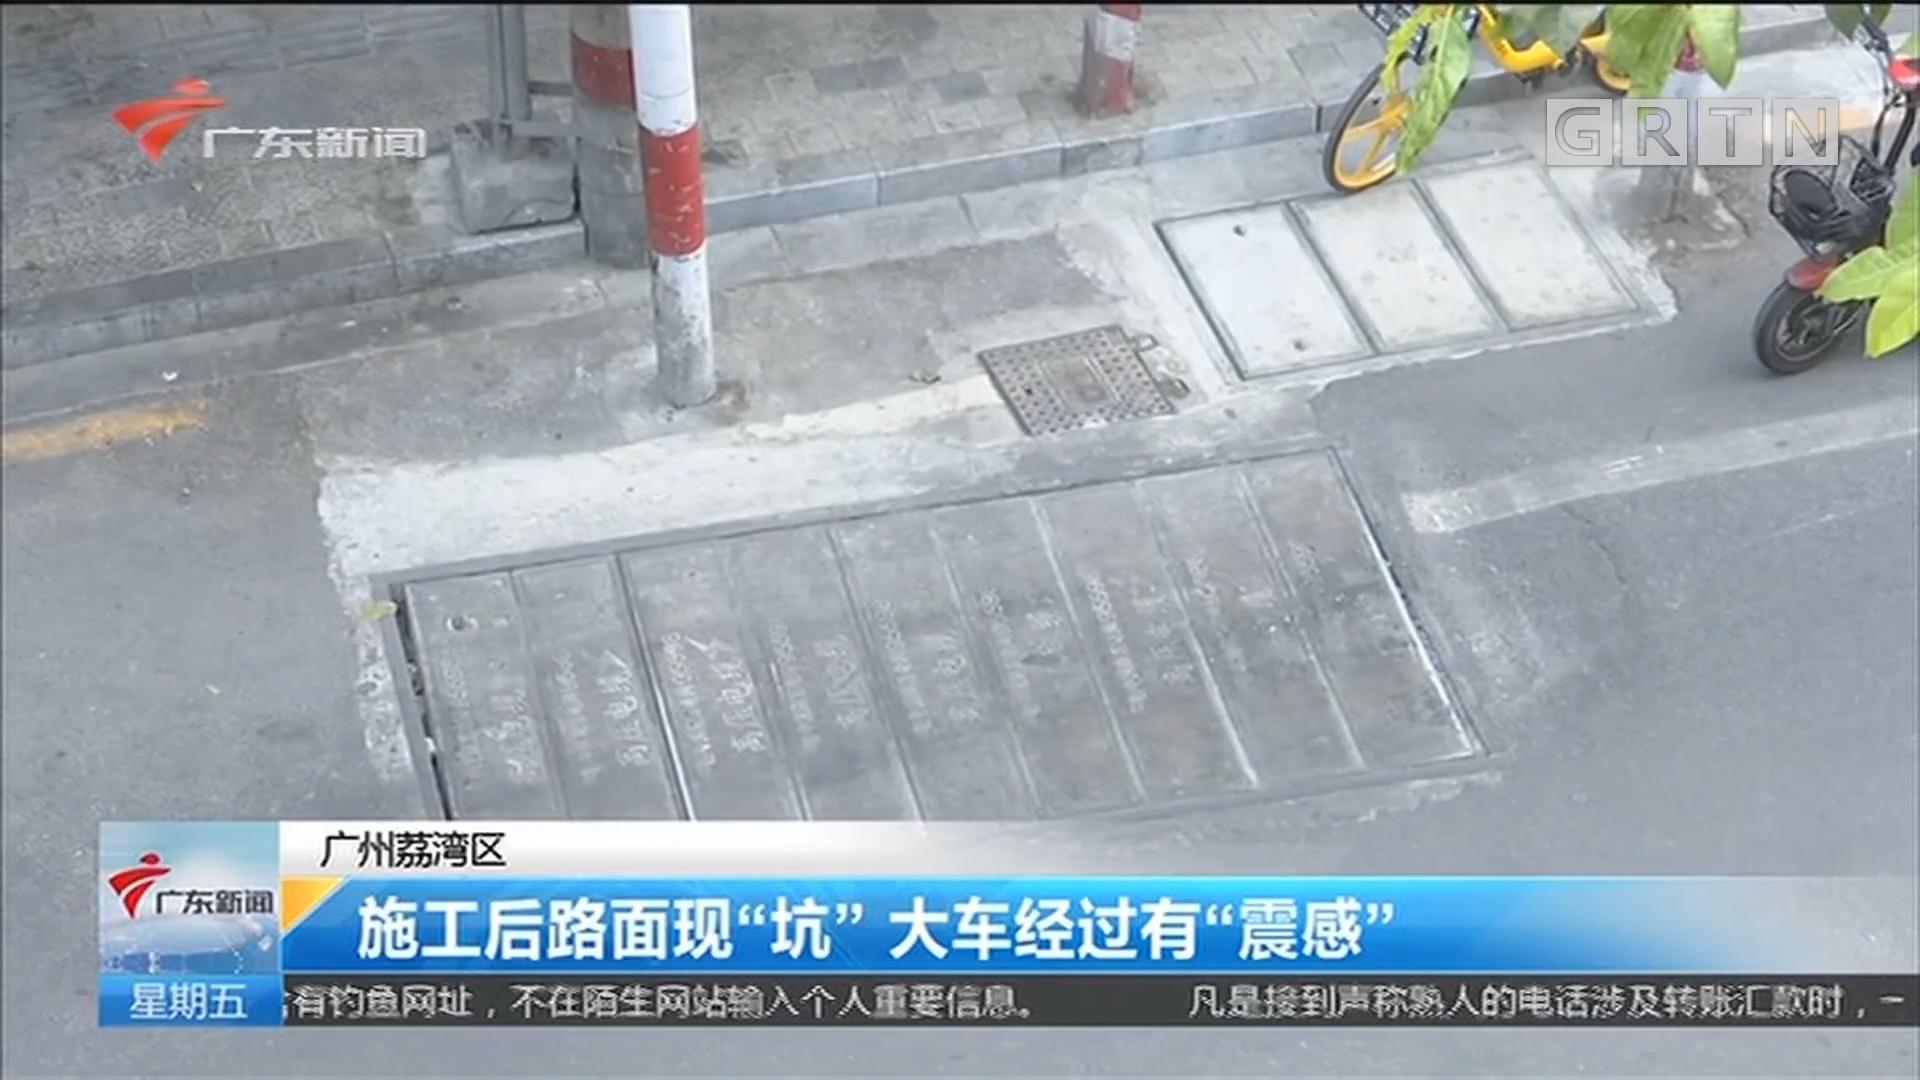 """广州荔湾区:施工后路面现""""坑"""" 大车经过有""""震感"""""""